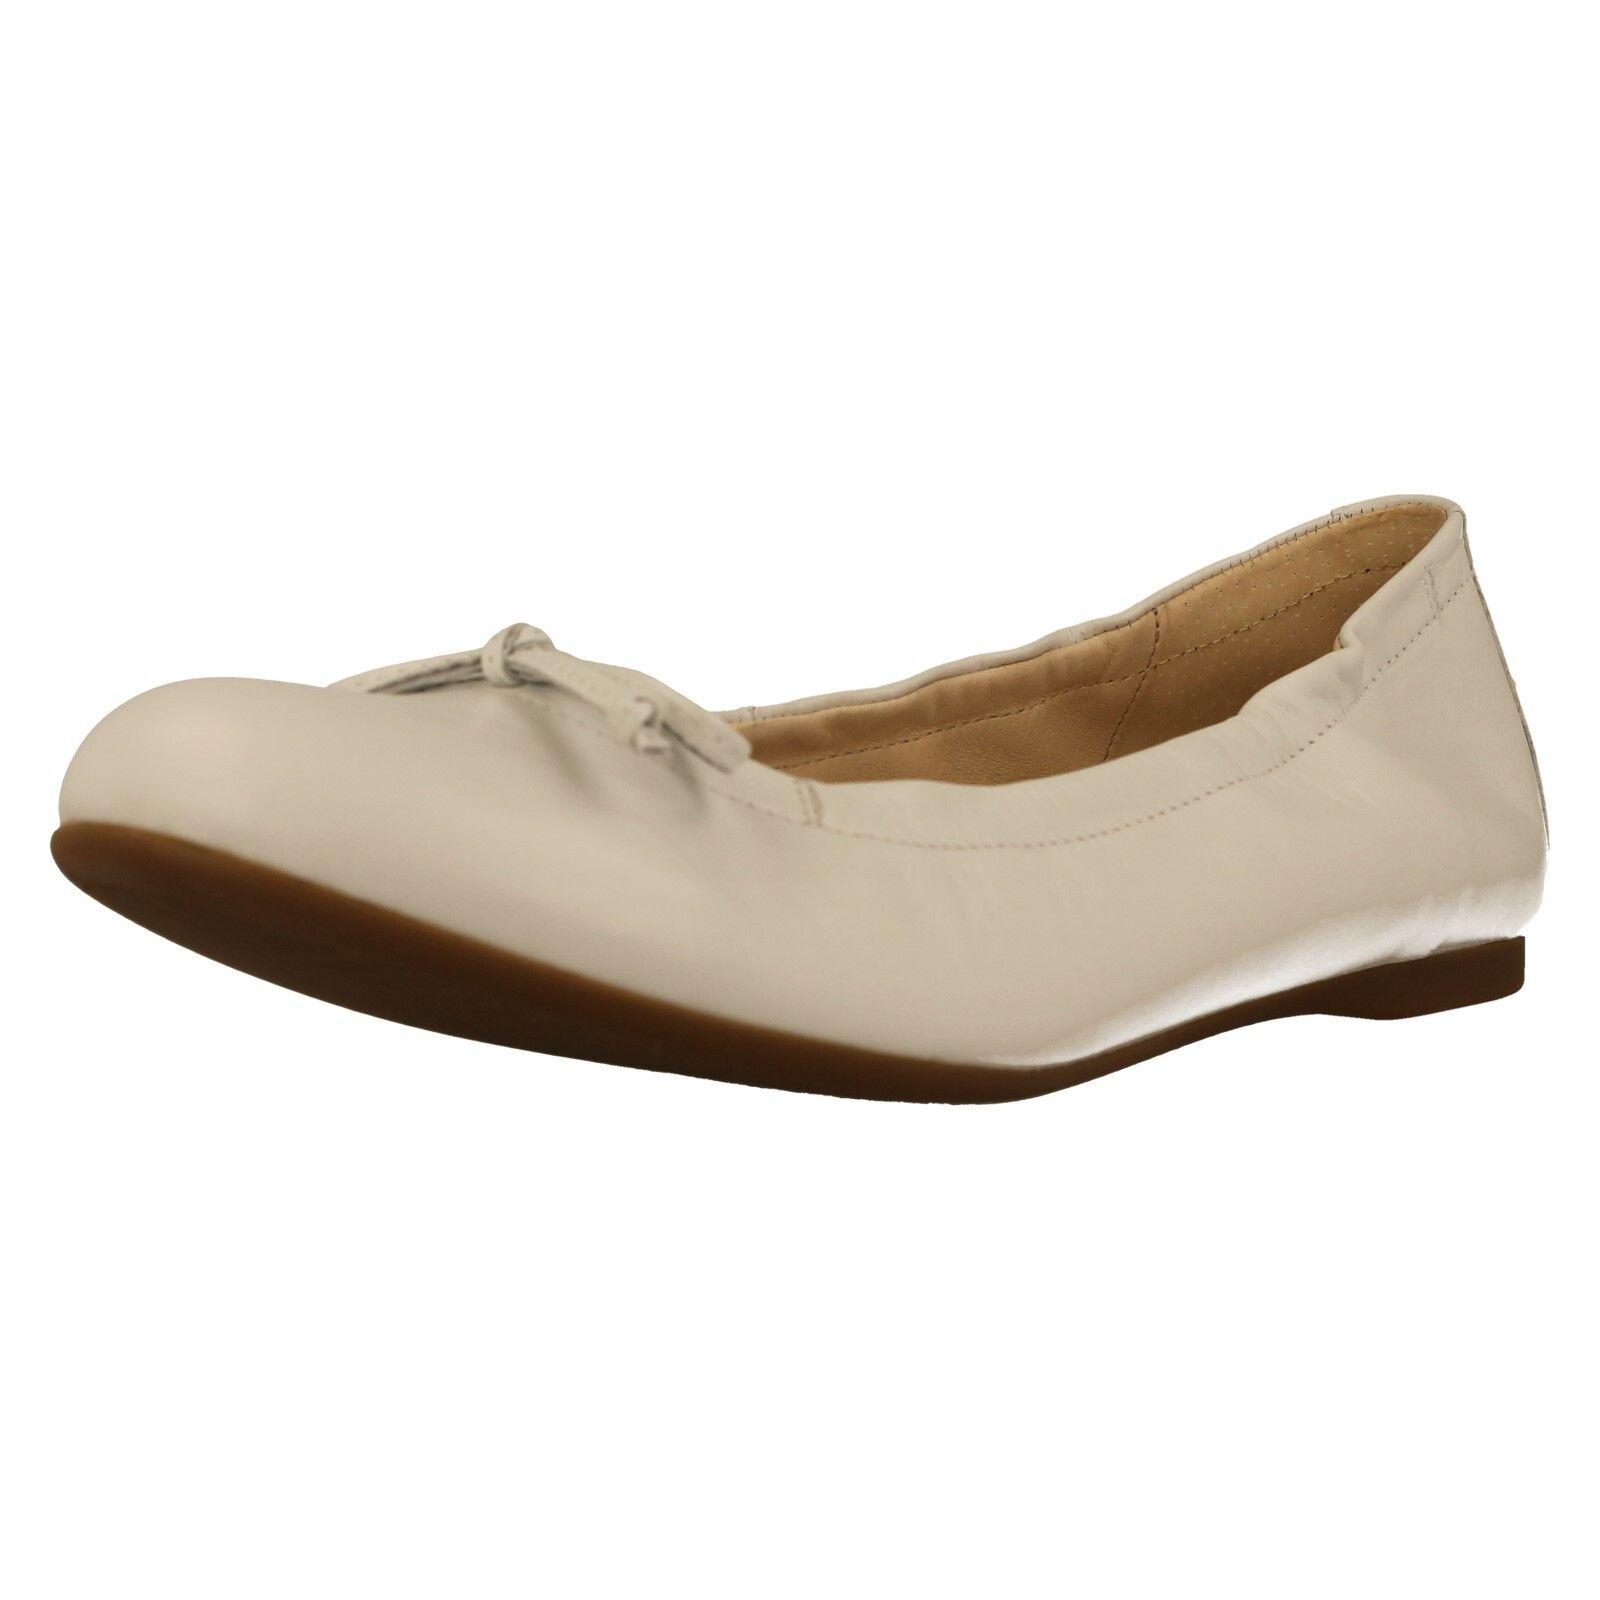 Moda barata y hermosa Descuento por tiempo limitado Gabor Ladies Shoes 44.120 (Ribera) White Slip On